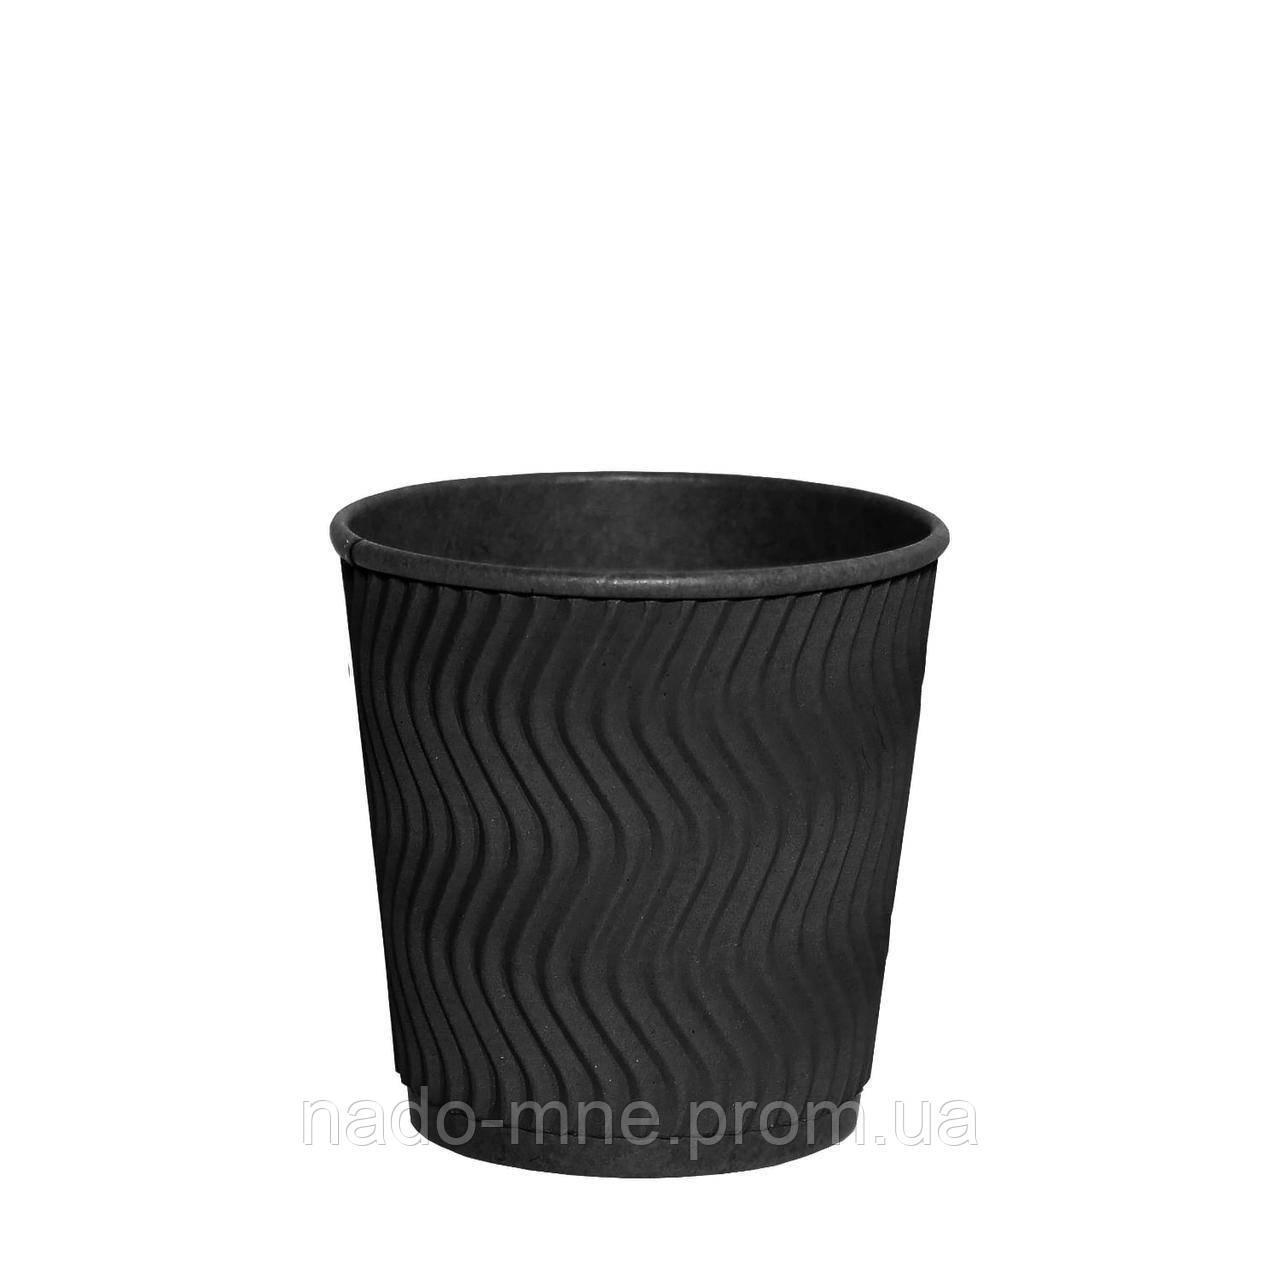 Стакан бумажный гофрированный Double Black волна 180мл. (8oz) 30шт/уп (1ящ/20уп/500шт)